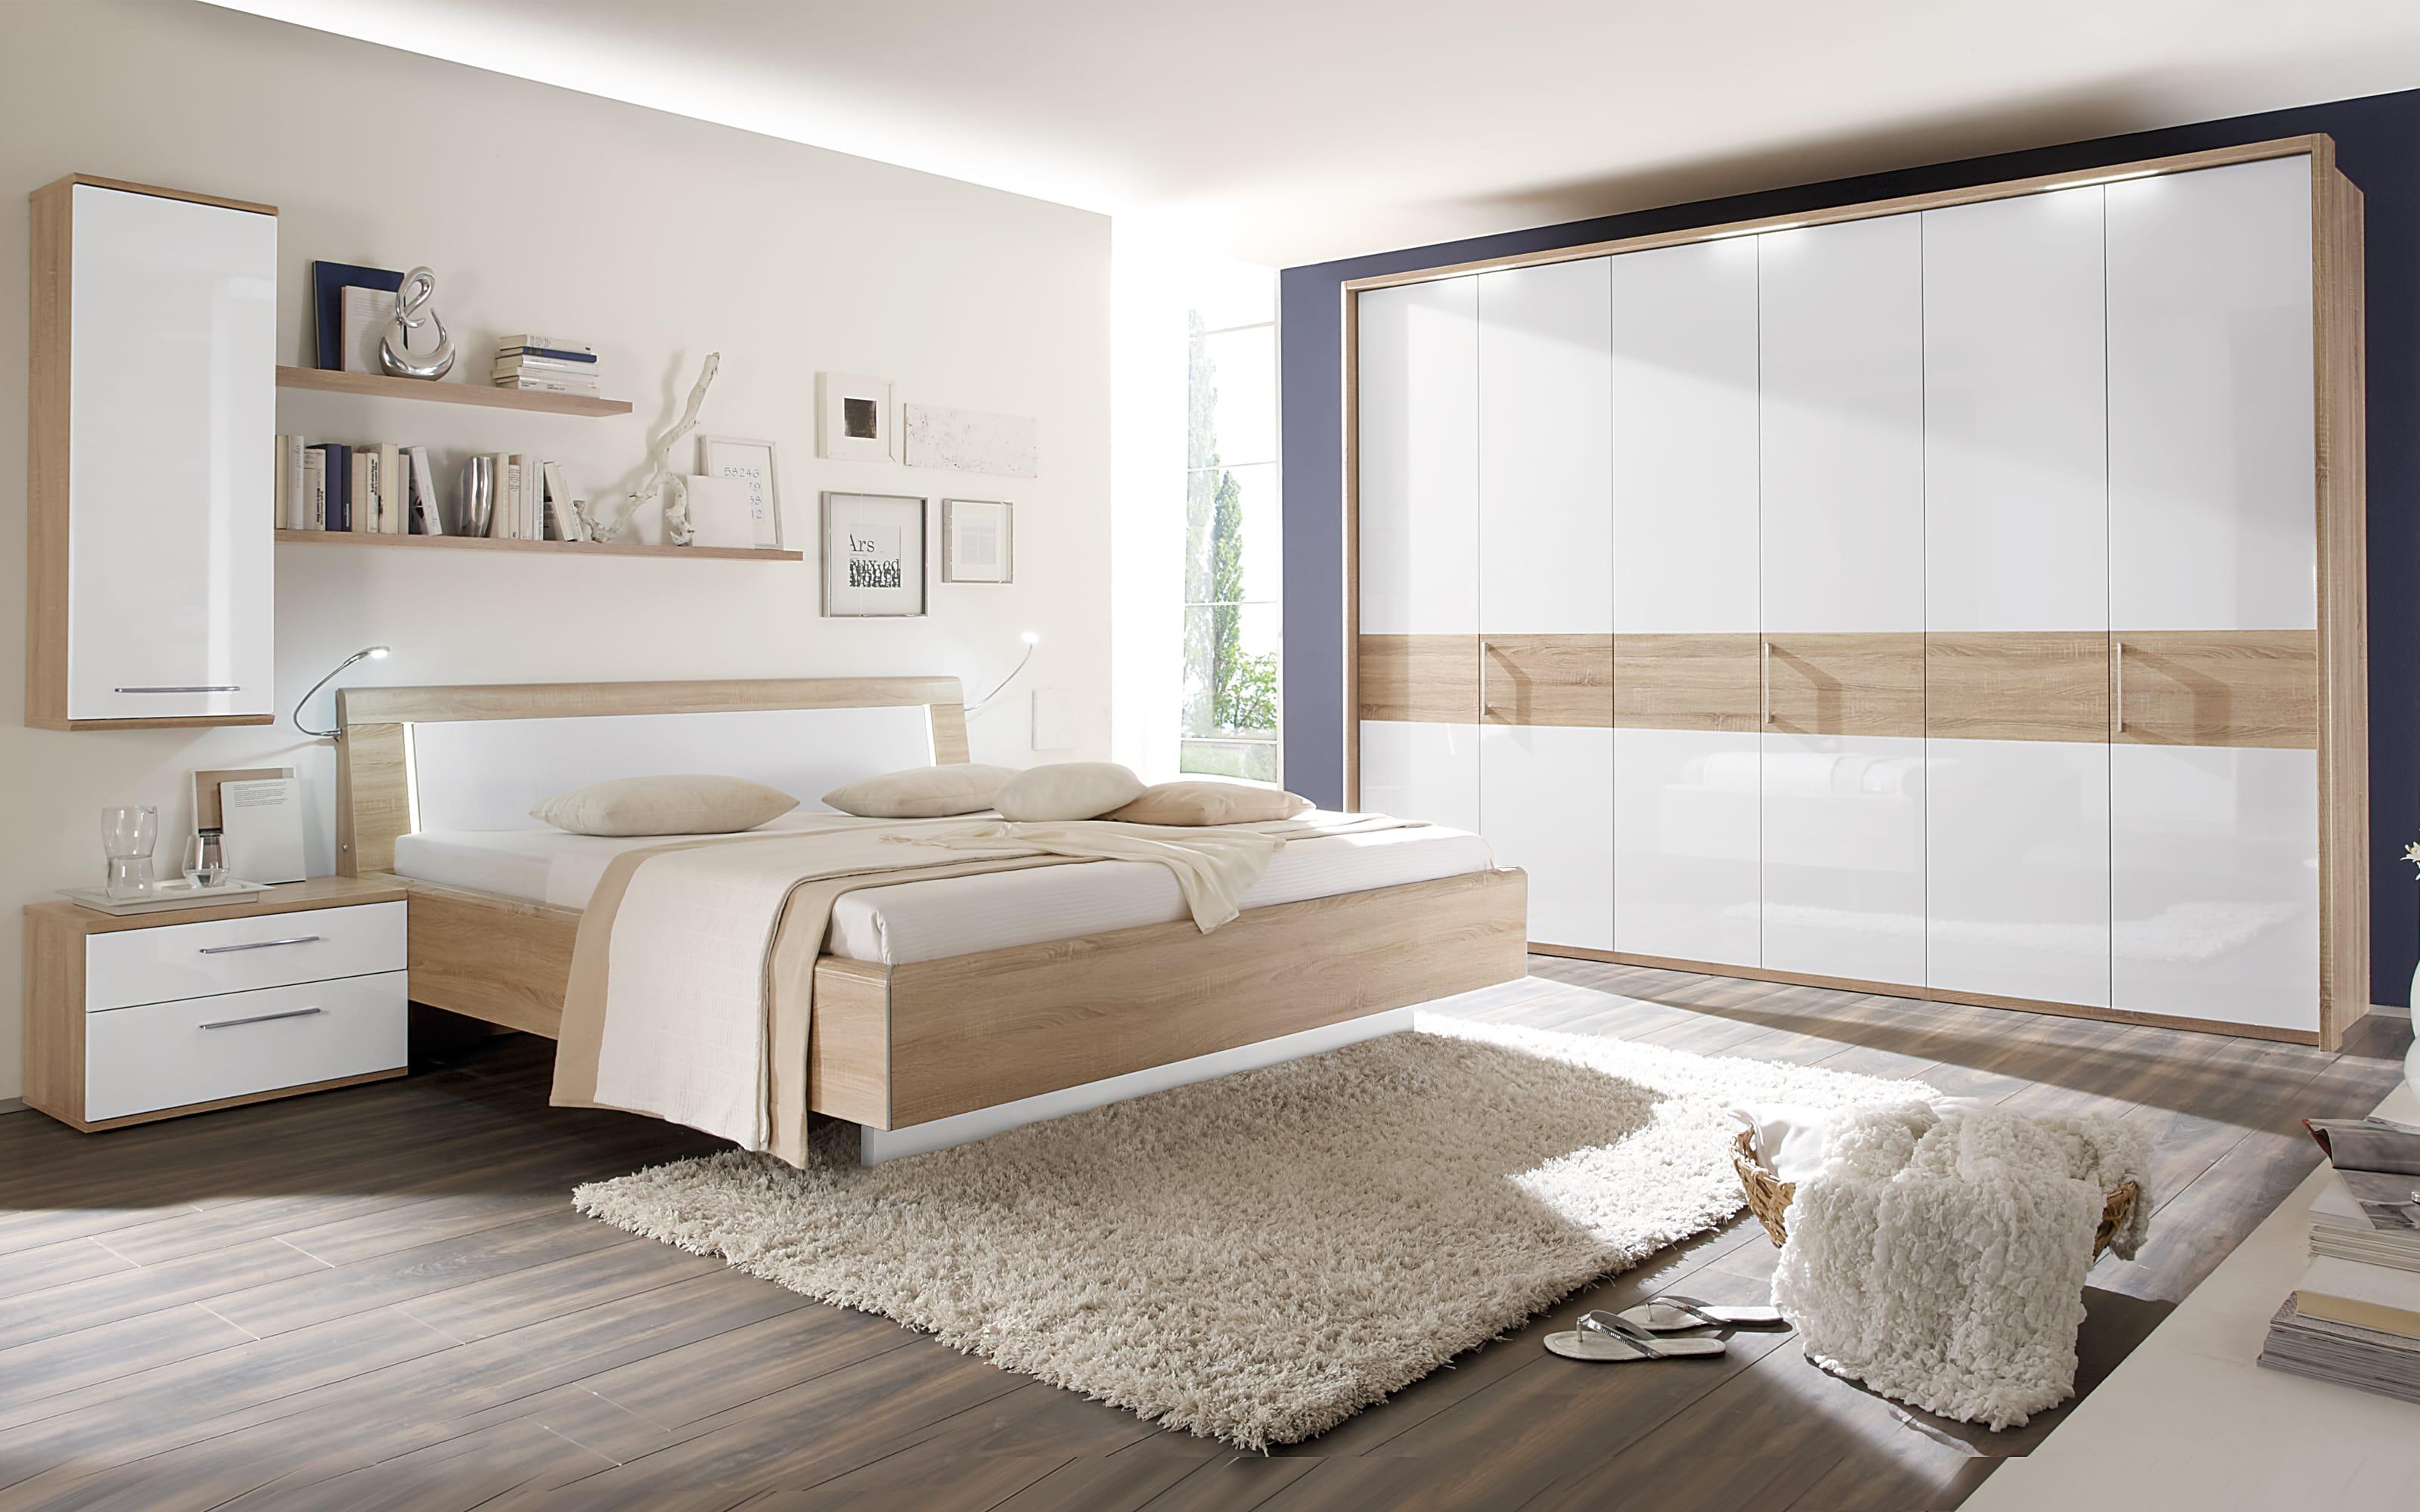 Schlafzimmer Luna in weiß/Eiche Macao Nachbildung, Liegefläche ca. 21 x  21 cm, Schrankbreite ca. 21 cm